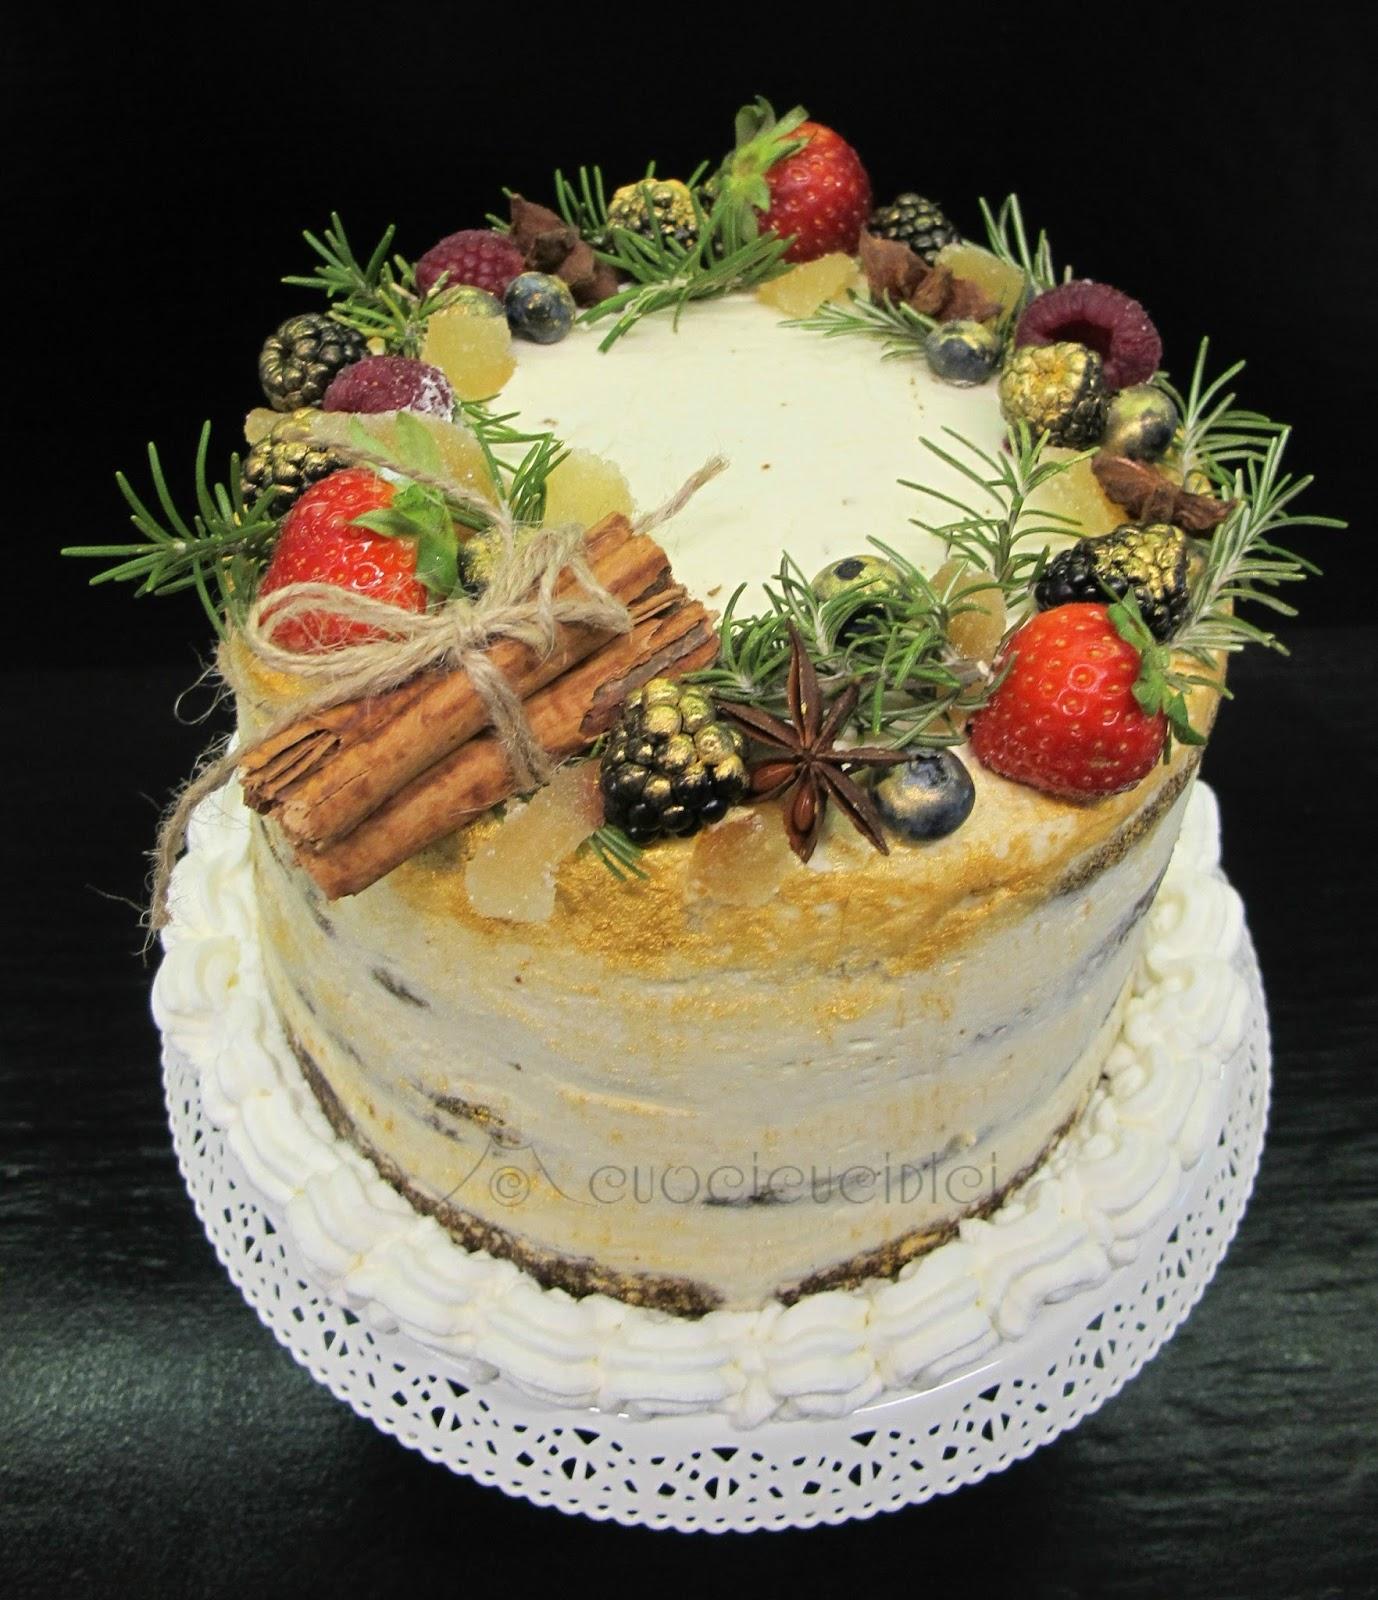 Torte Decorate Per Natale cuocicucidici: gingerbread layer cake- torta a strati al